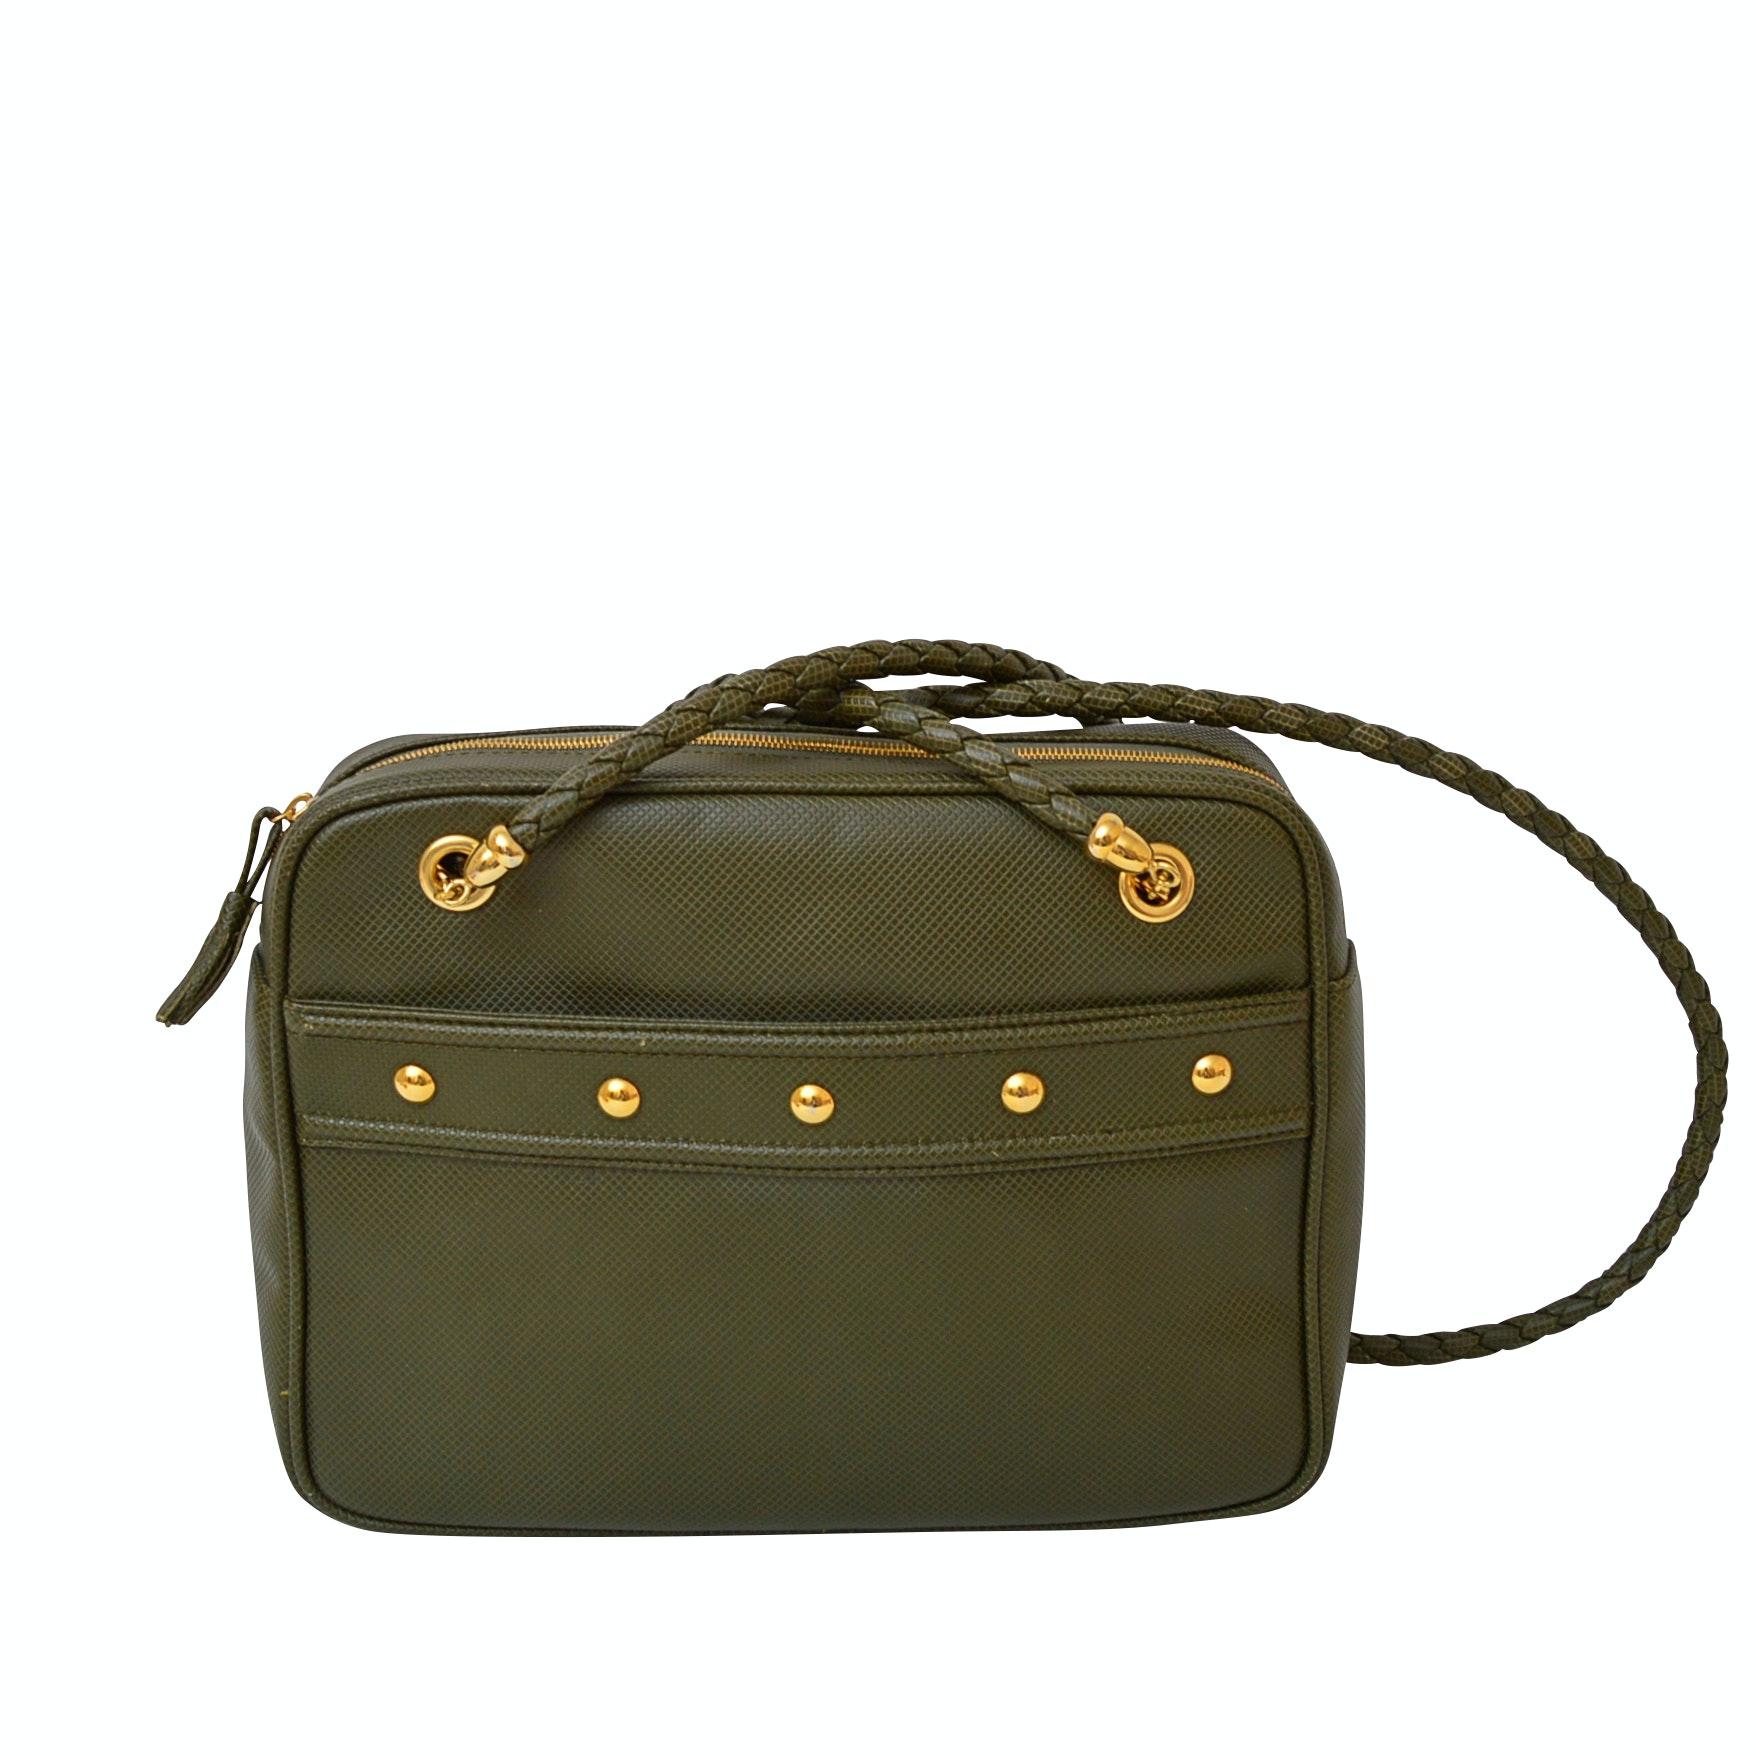 Bottega Veneta Olive Green Embossed Leather Shoulder Bag with Woven Strap